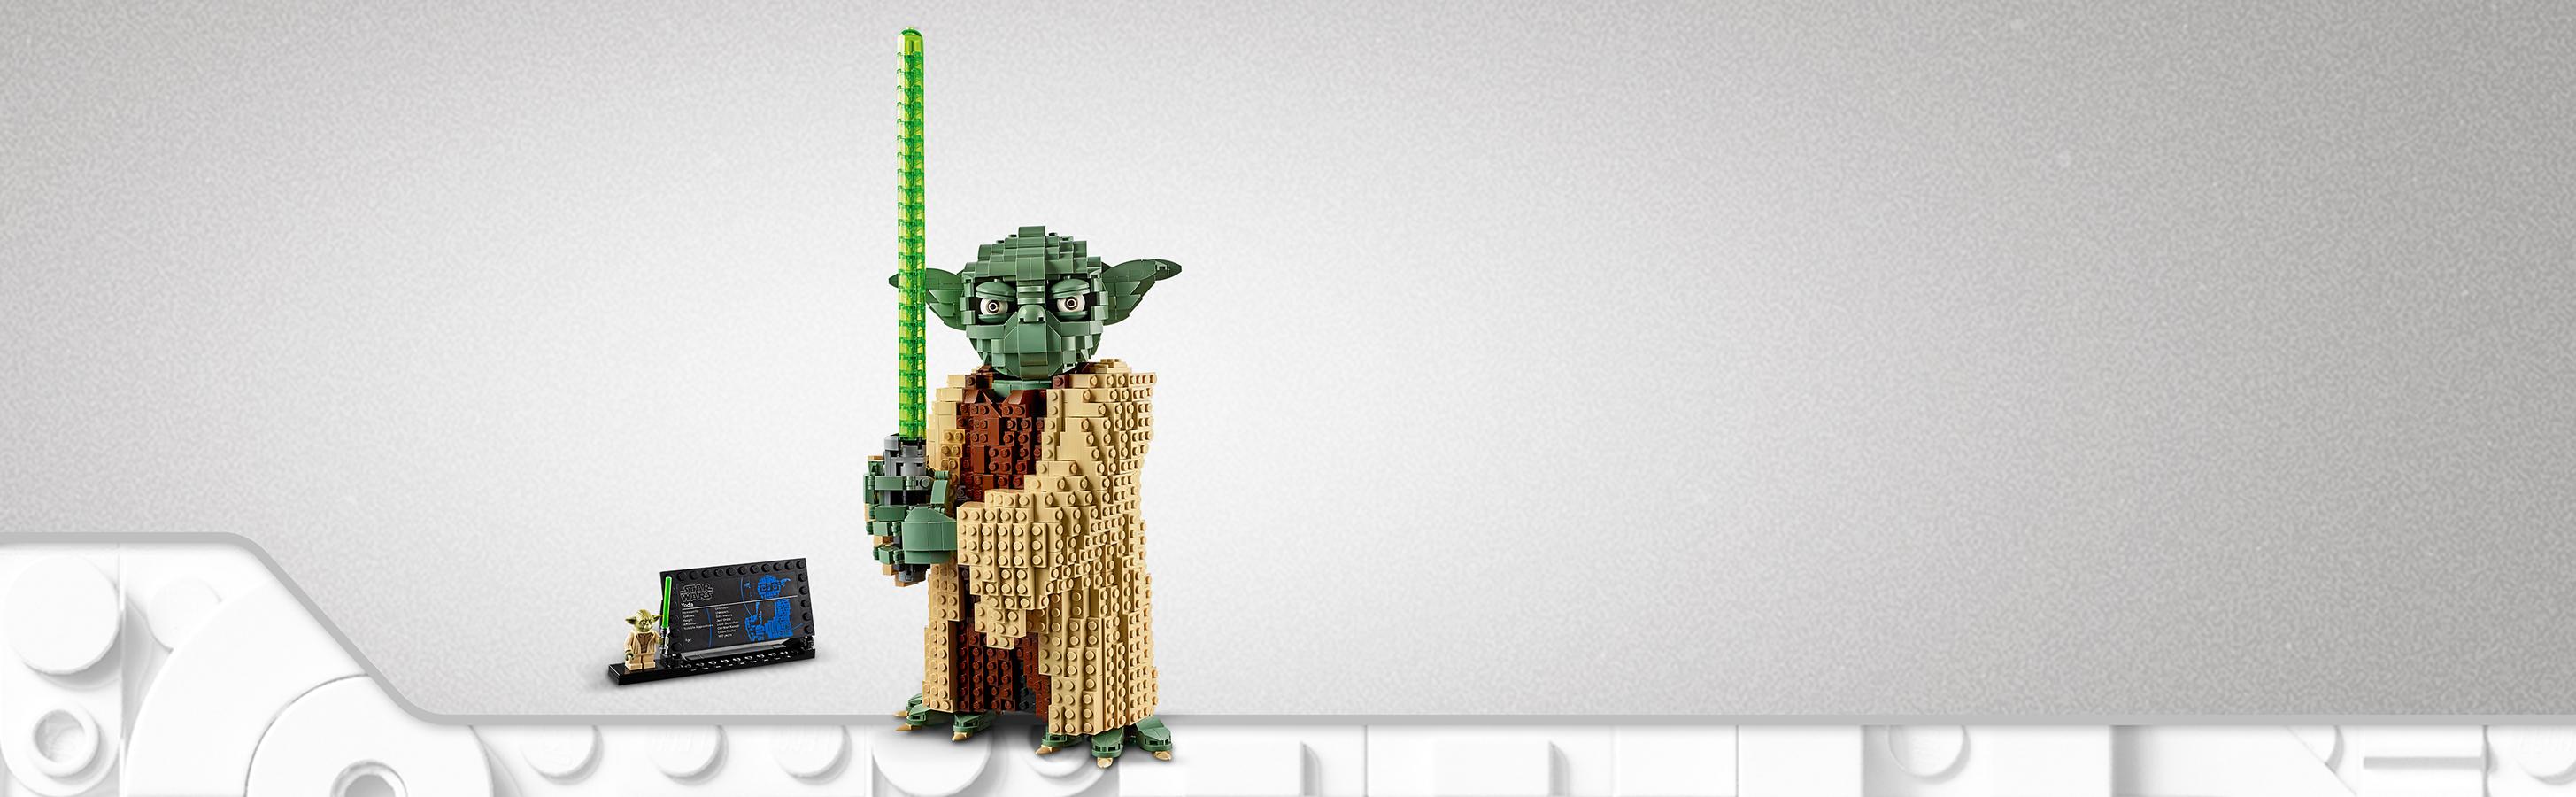 Yoda, jakiego nie znacie